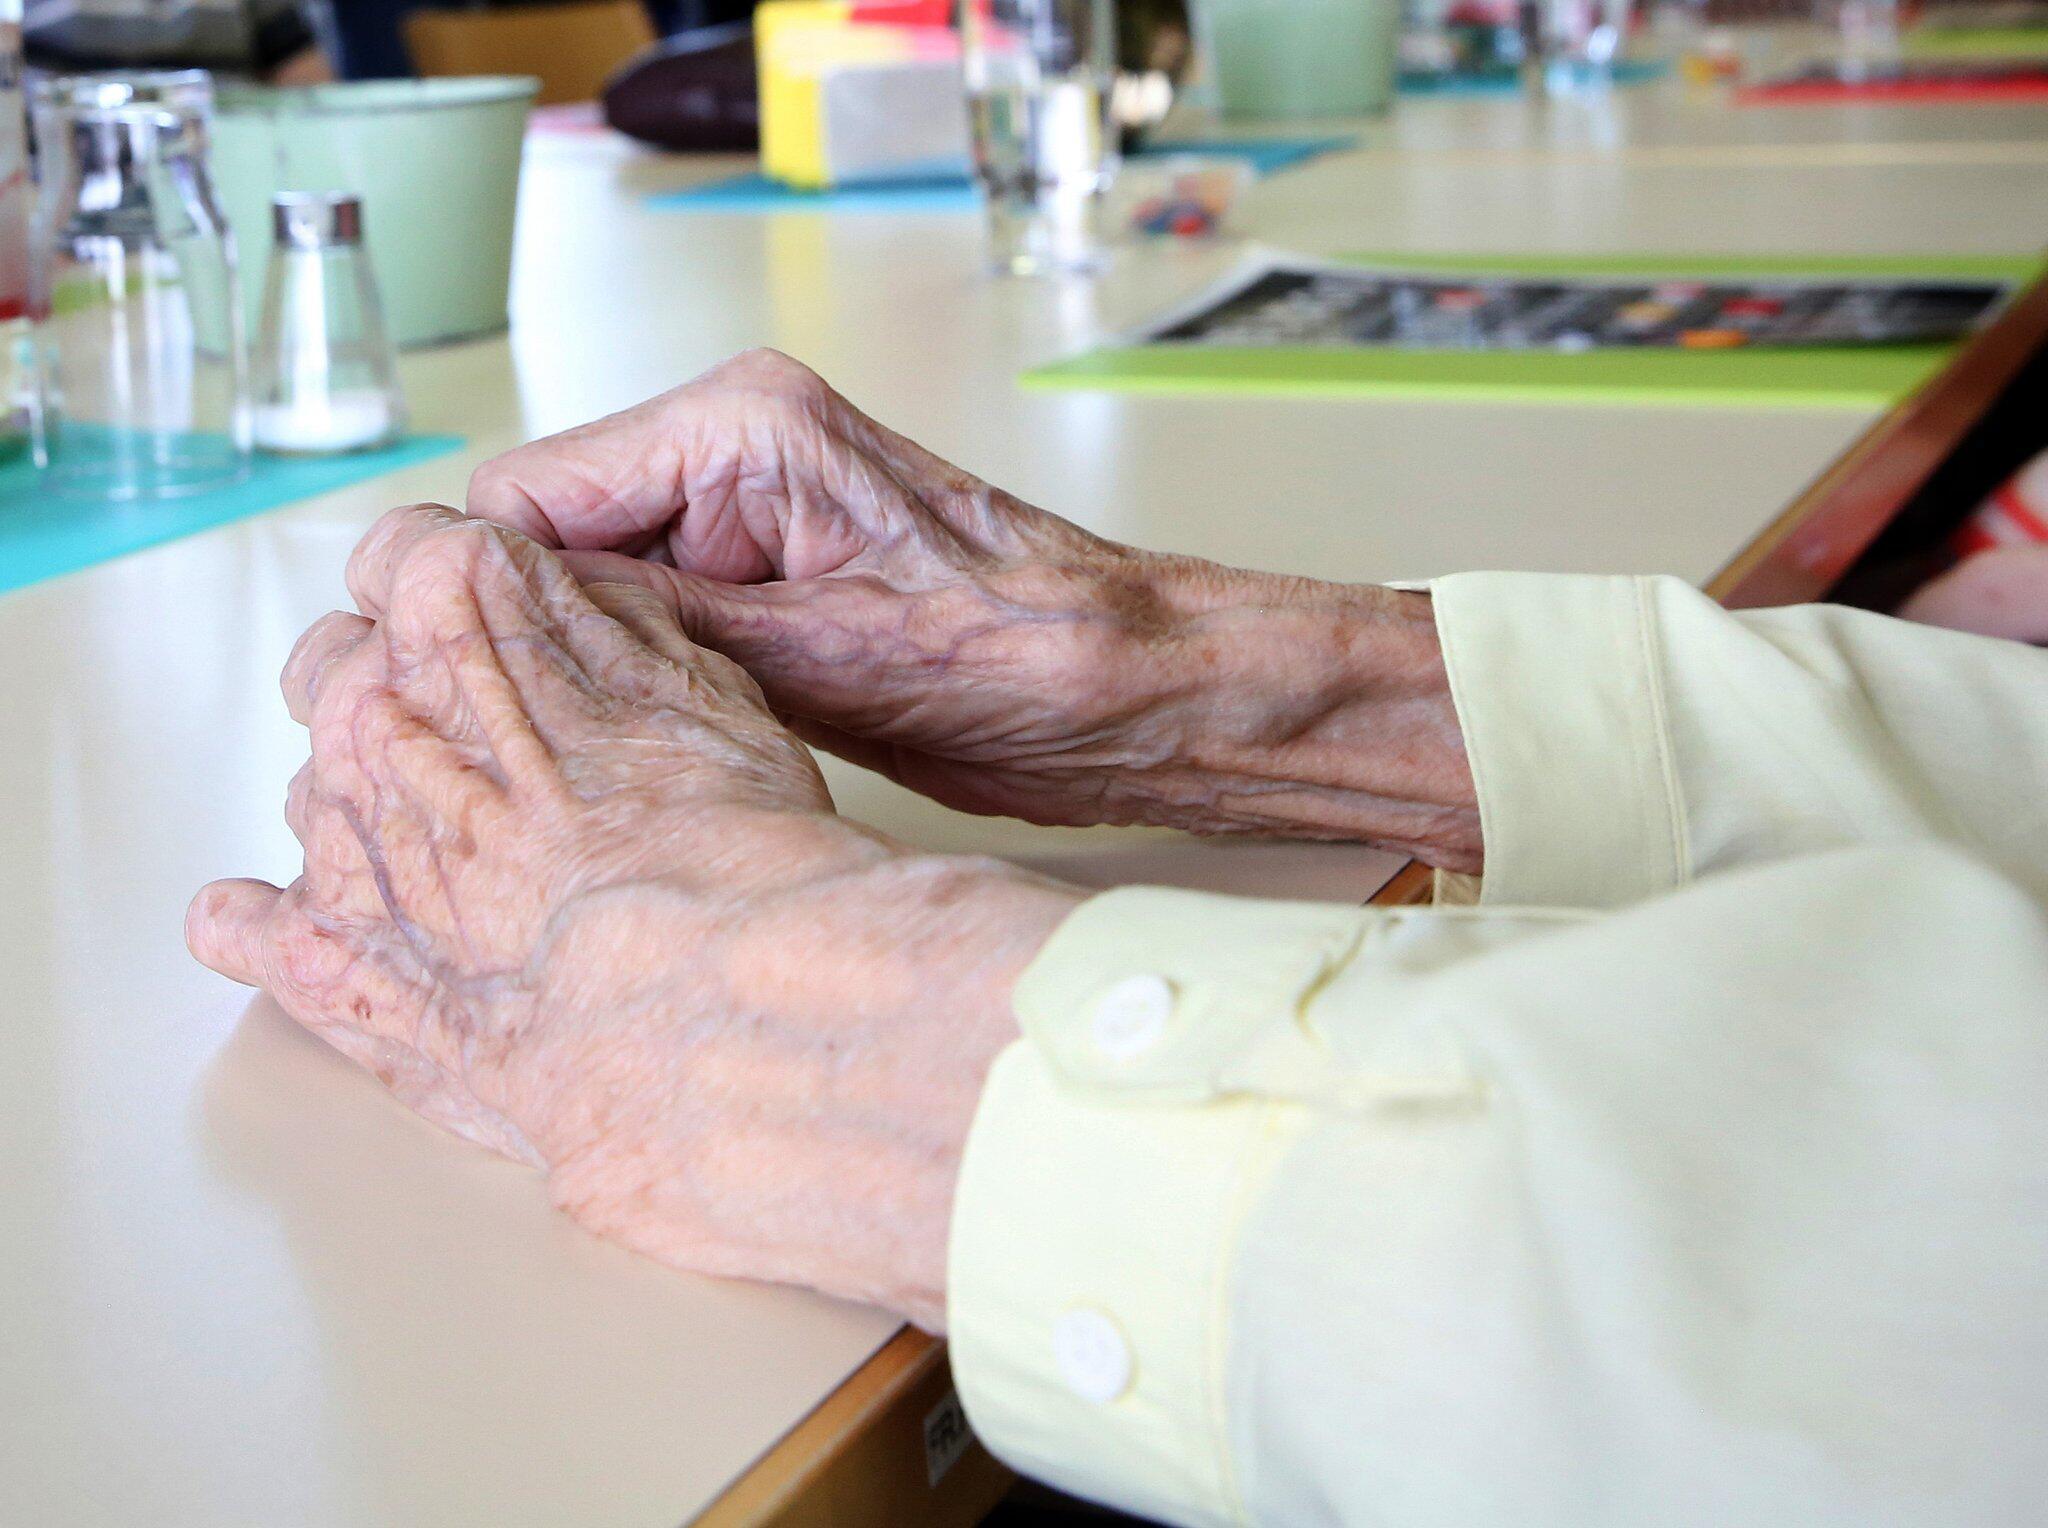 Bild zu Pflegeheim - Bewohnerin